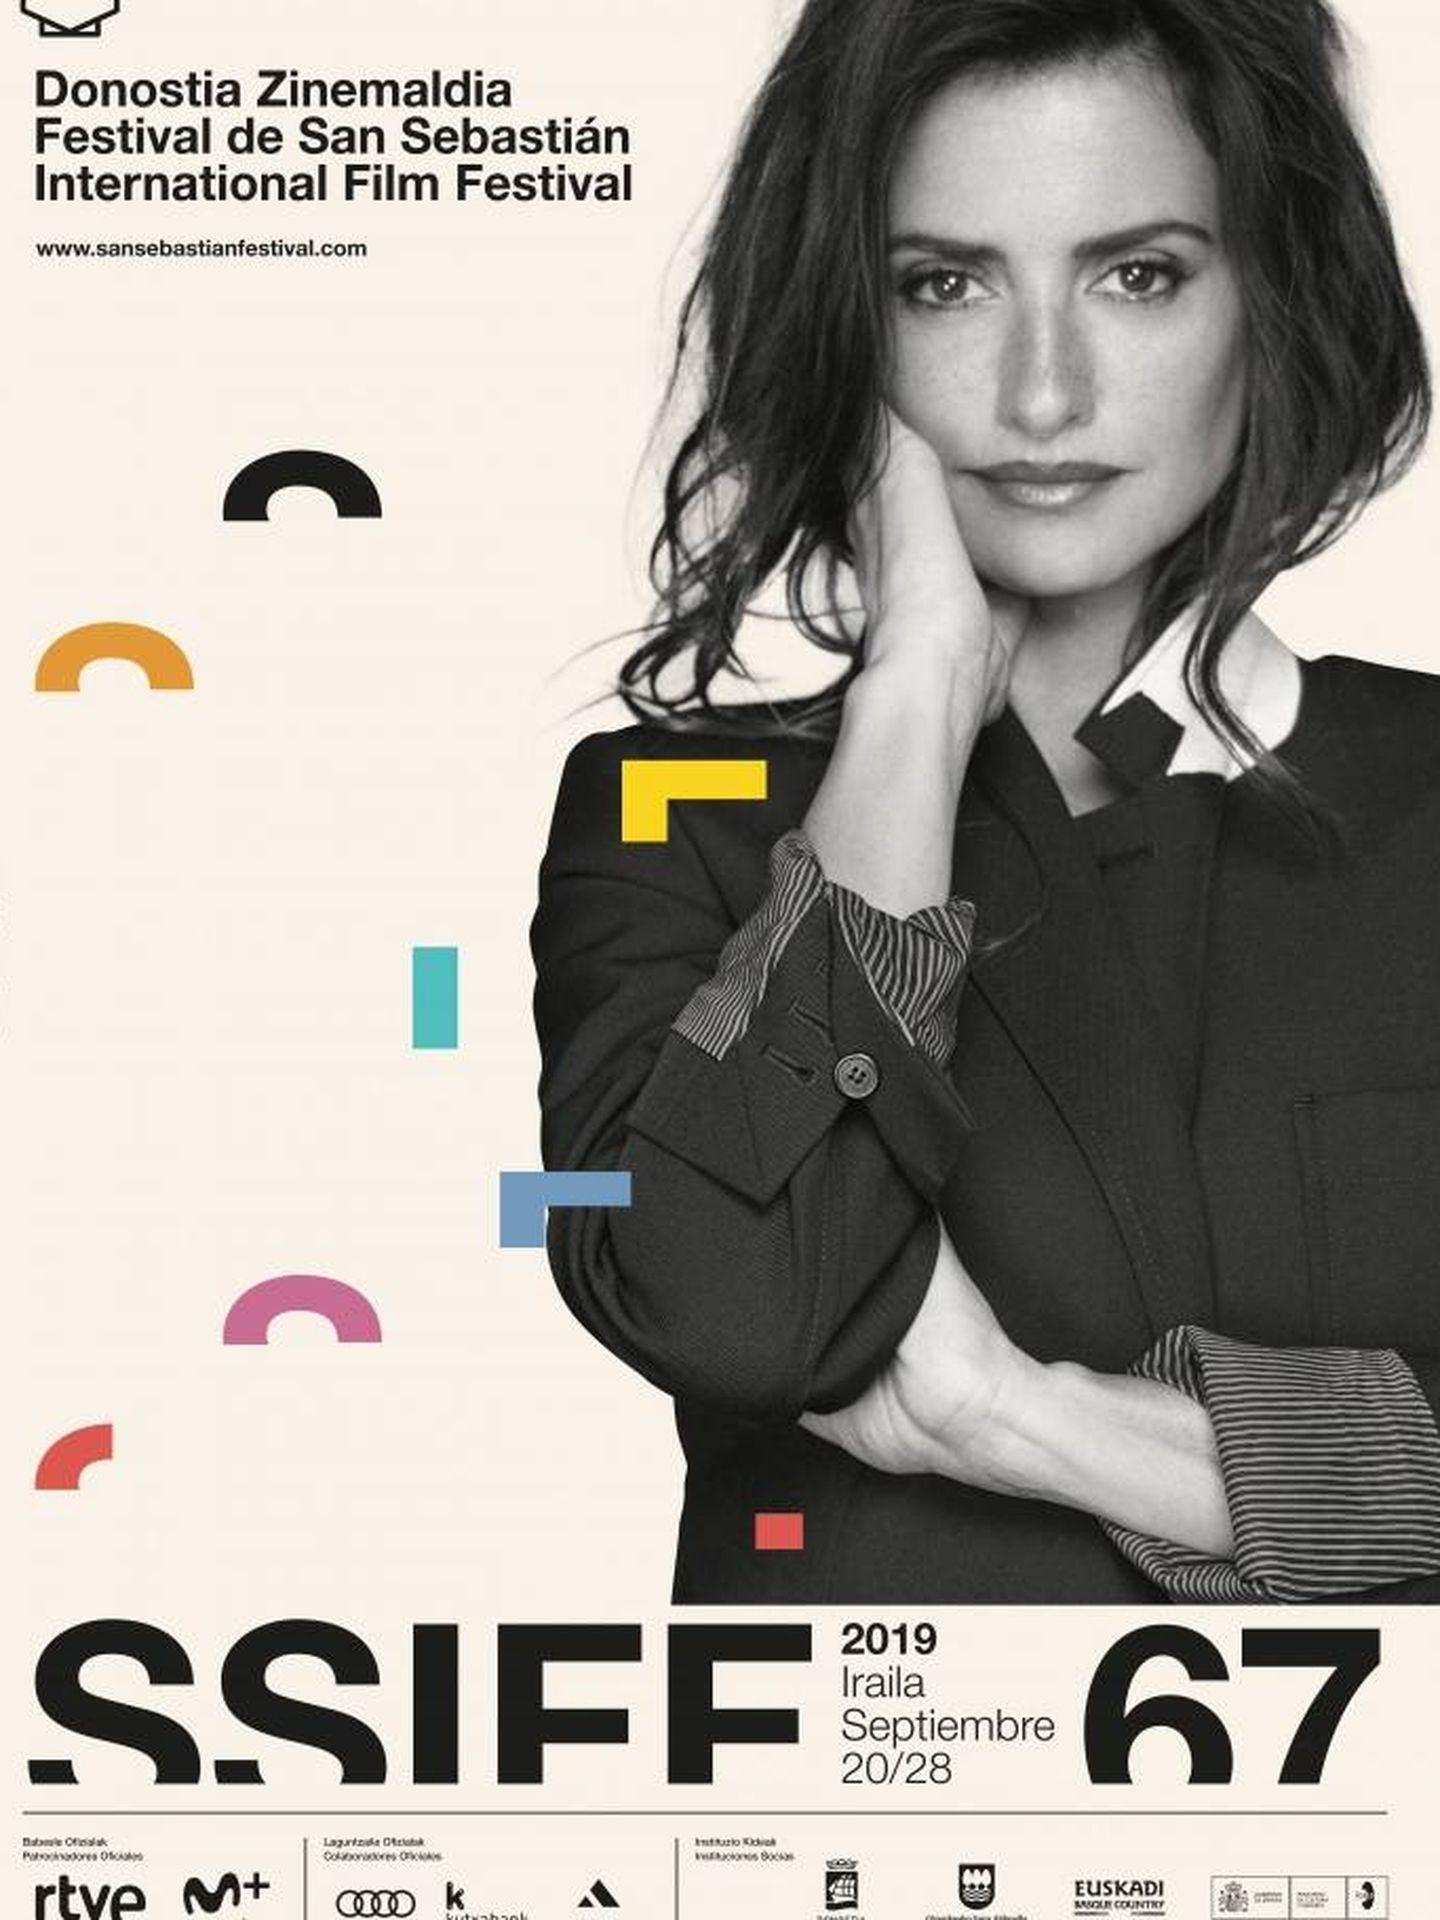 Penélope Cruz en el cartel del Festival de cine de  San Sebastián. (SSIFF)